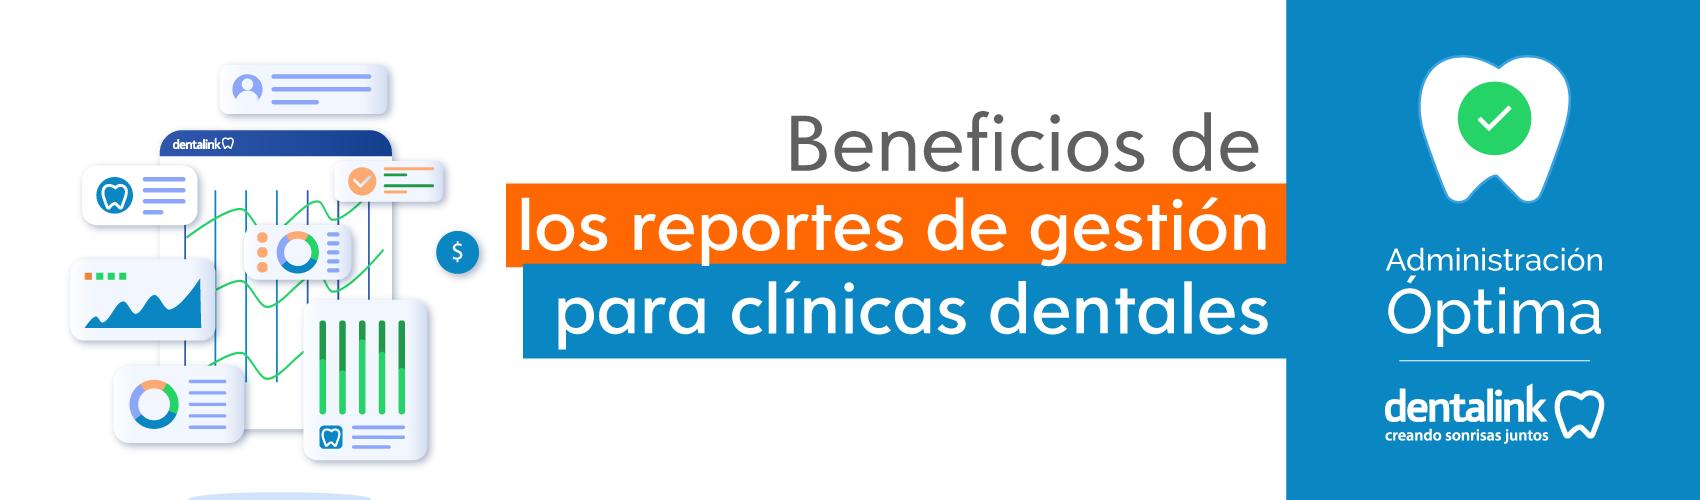 Beneficios de los reportes de gestión para clínicas dentales